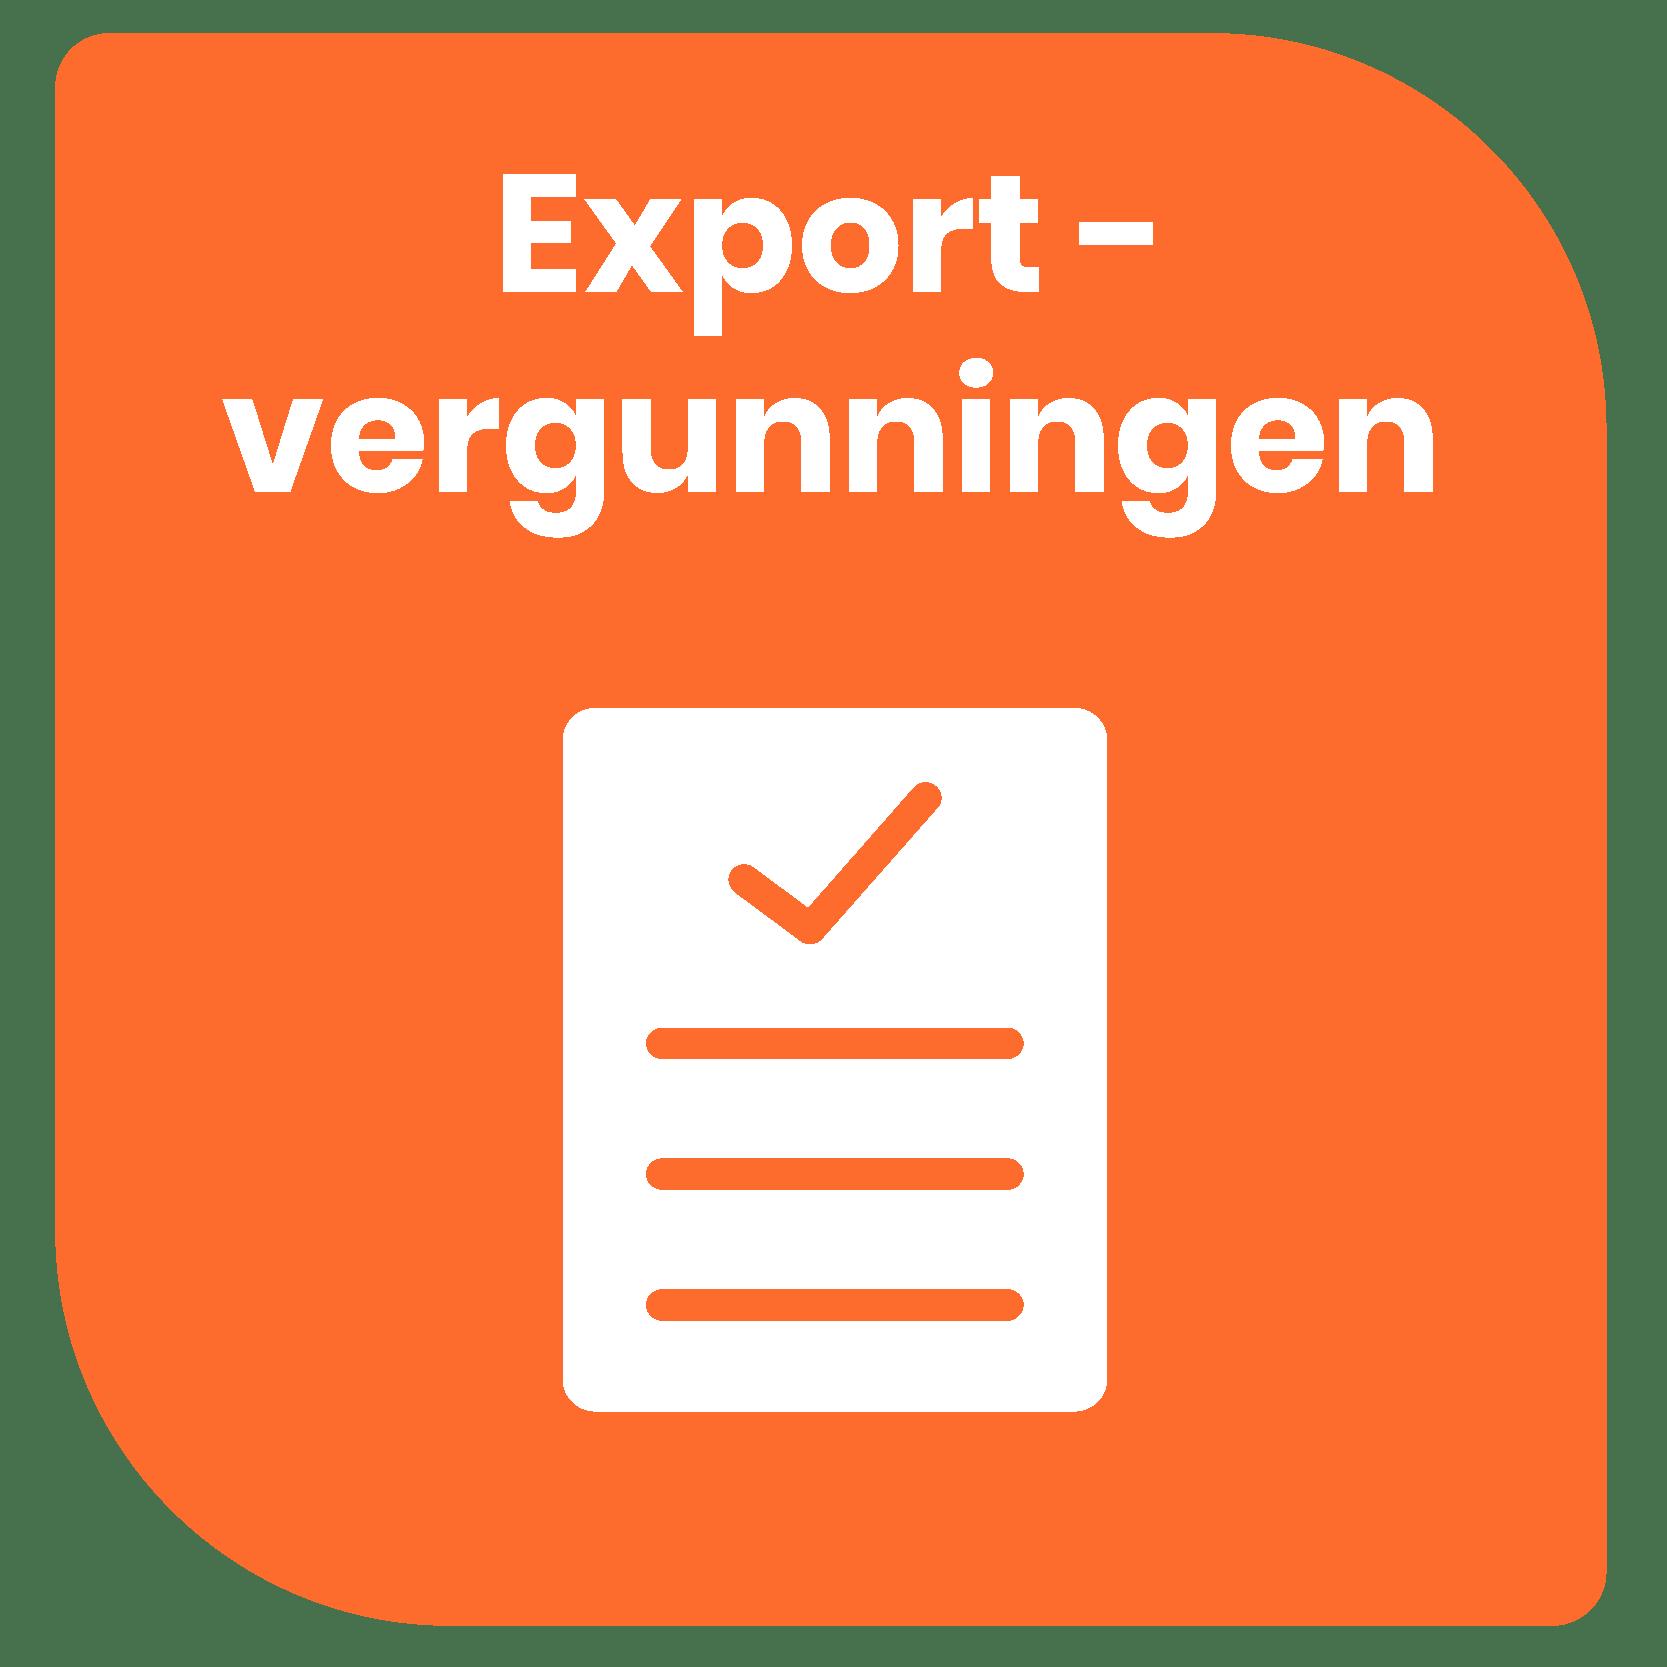 Exportvergunningen